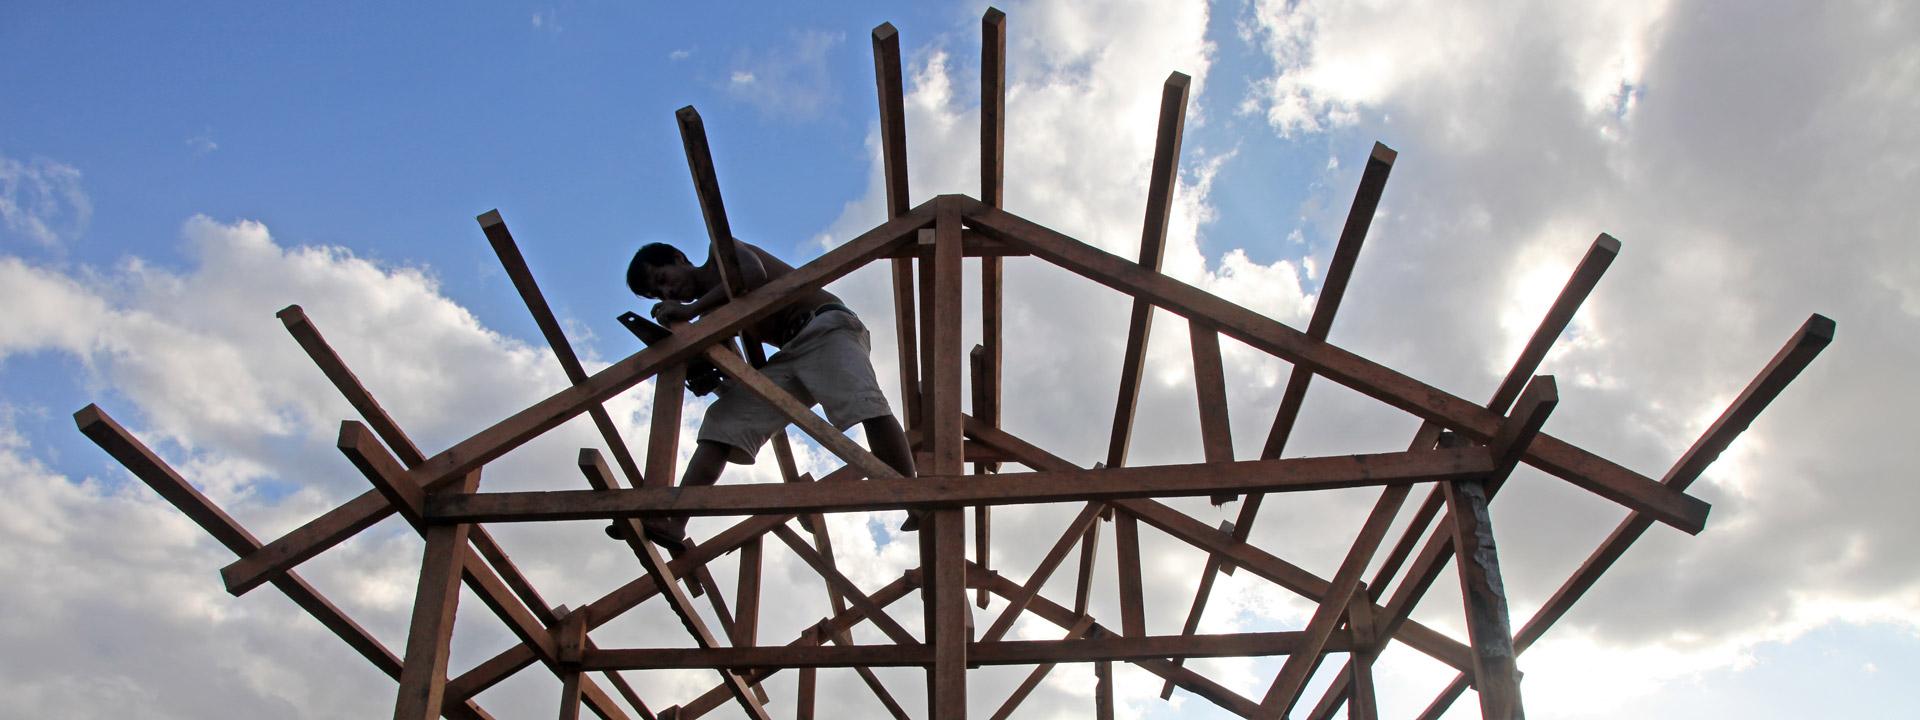 Foto: Ein philippinischer Mann baut in einem Holzständerwerk